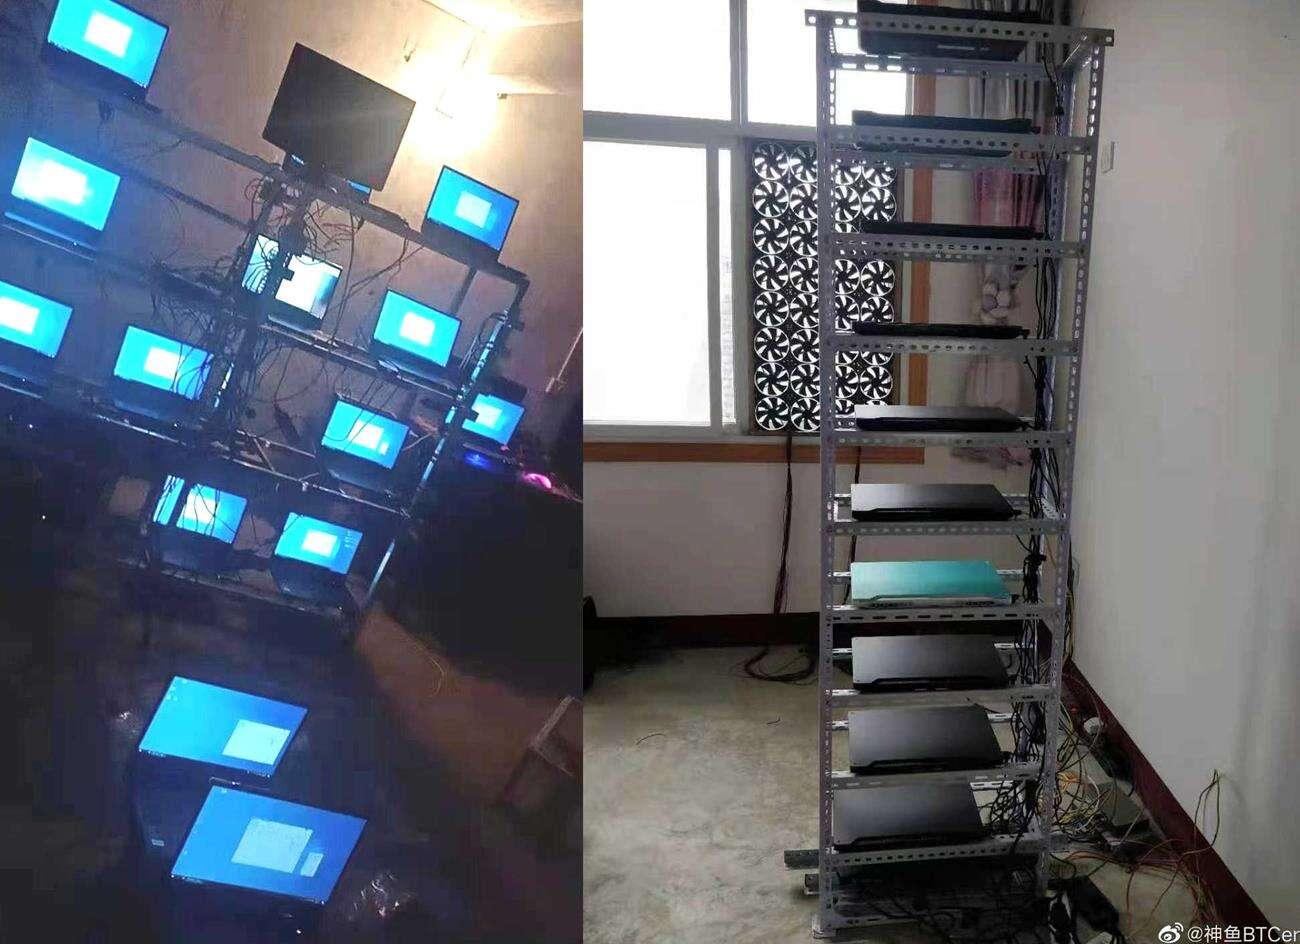 laptopy z rtx 3000 w kopalniach